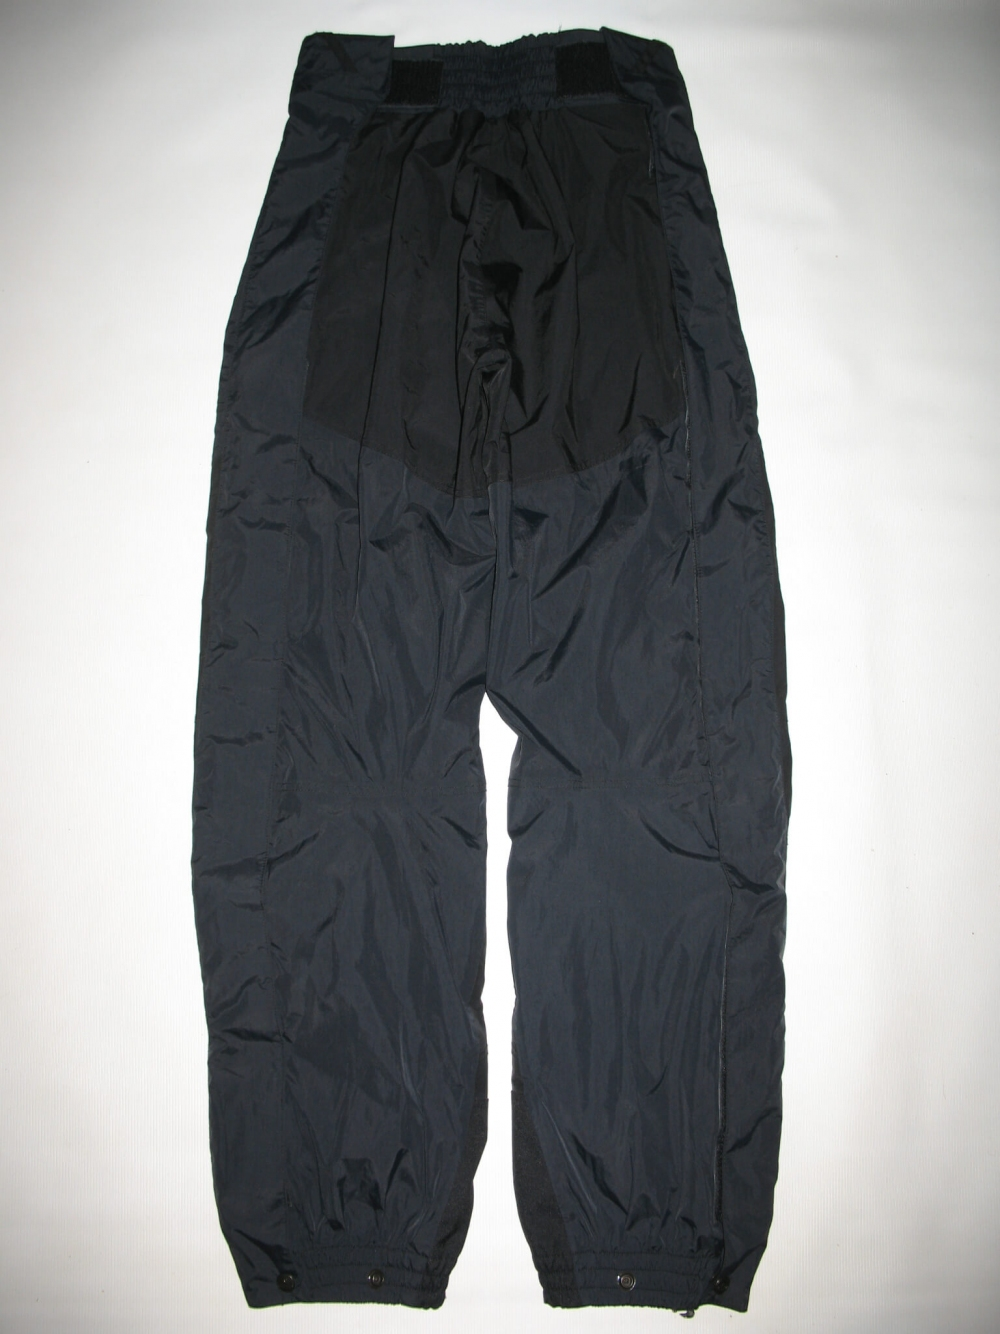 Штаны LOWE ALPINE pants lady/unisex (размер S) - 1